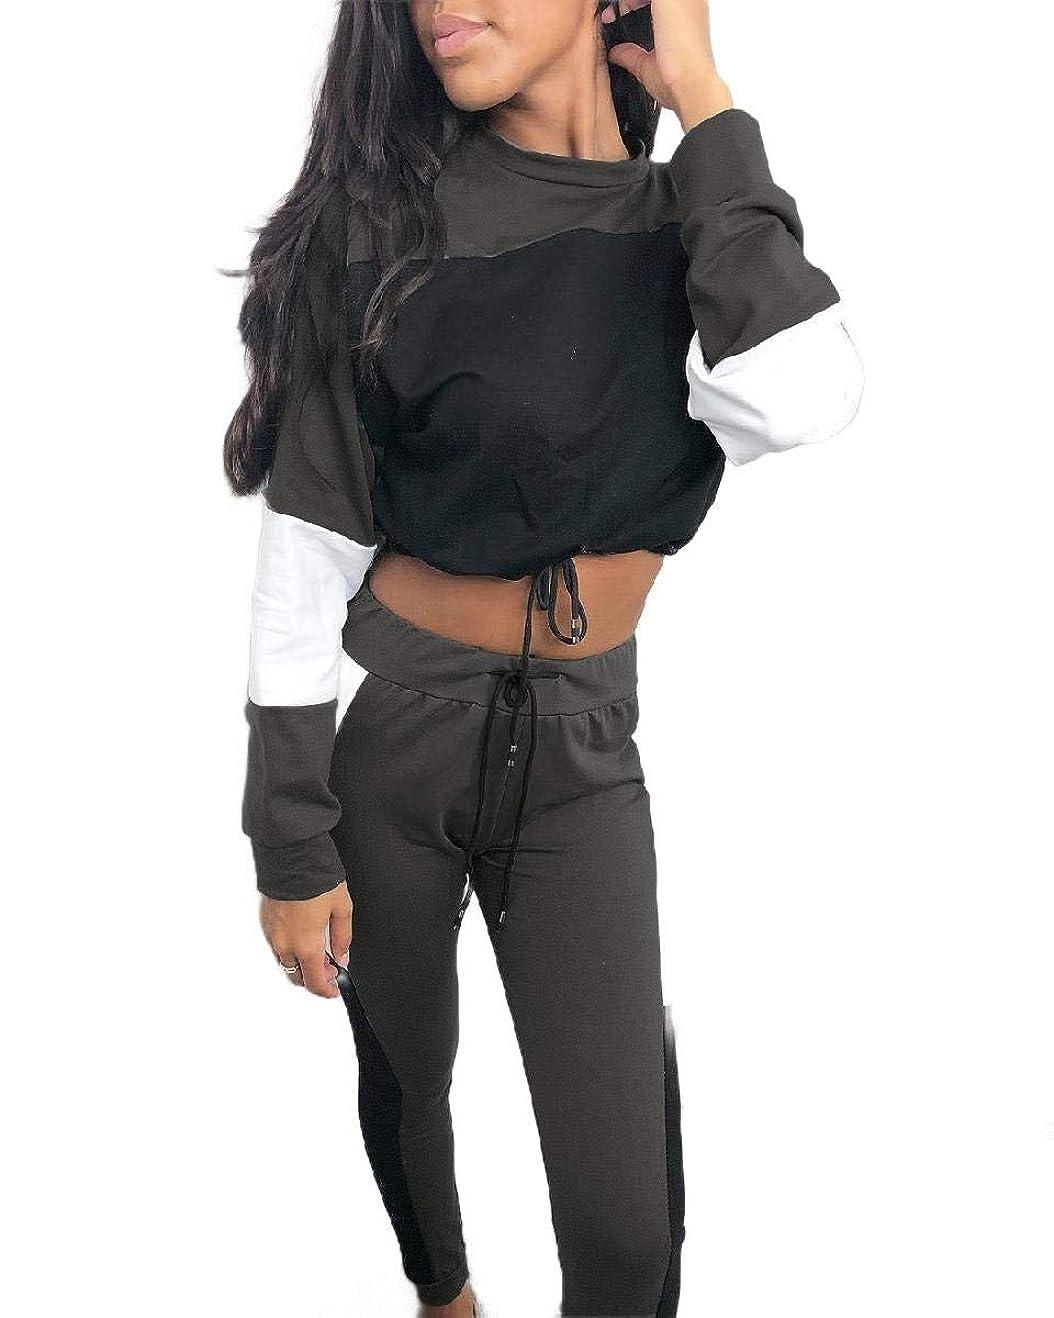 バックアップ取るに足らないスローガンWomens Casual Drawstring Round Neck Crop Top Two Piece Tracksuit Outfit